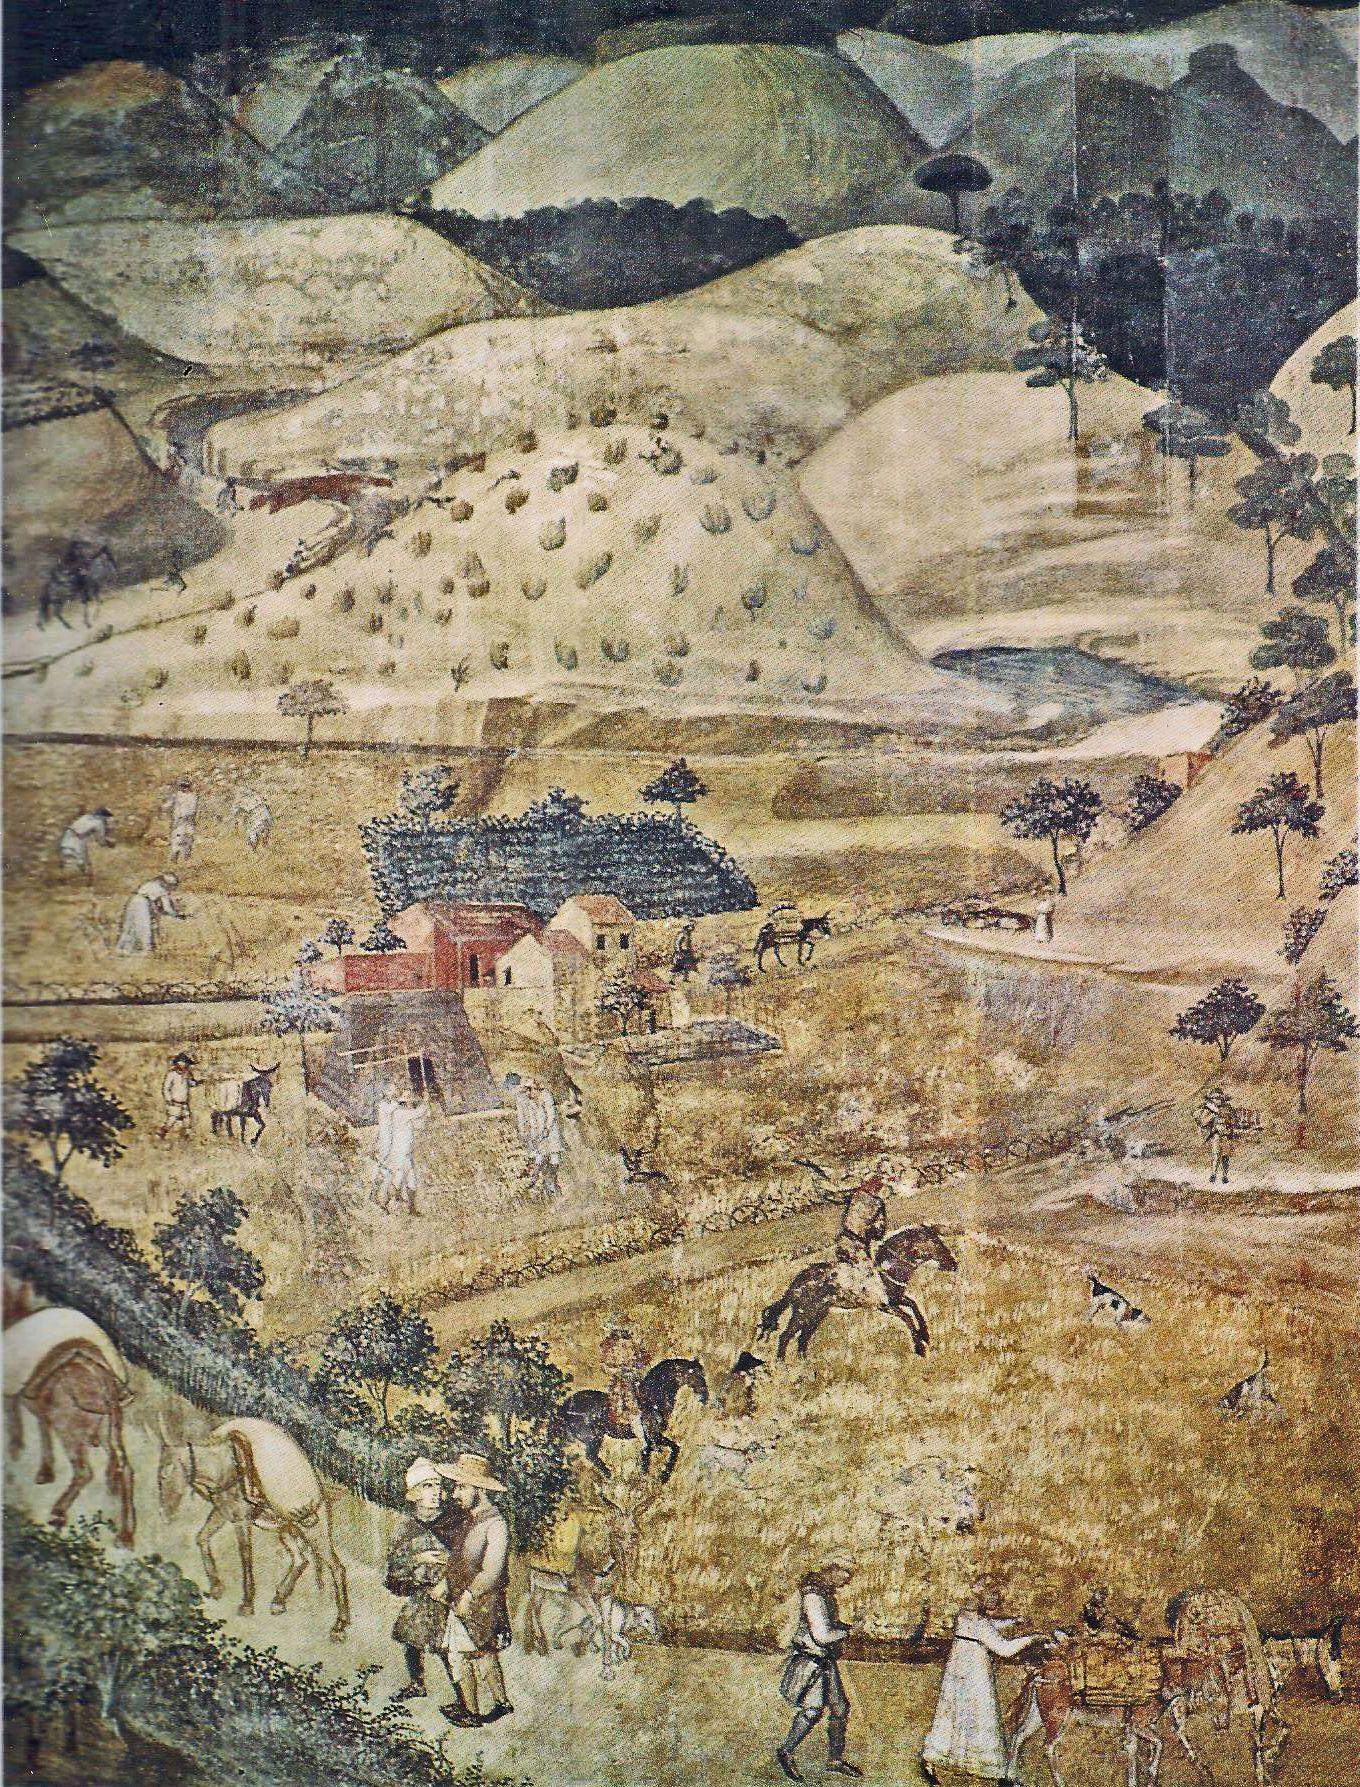 Il Paesaggio Agrario Nella Toscana Del Medioevo Paesaggi Disegno Del Viso Medioevo